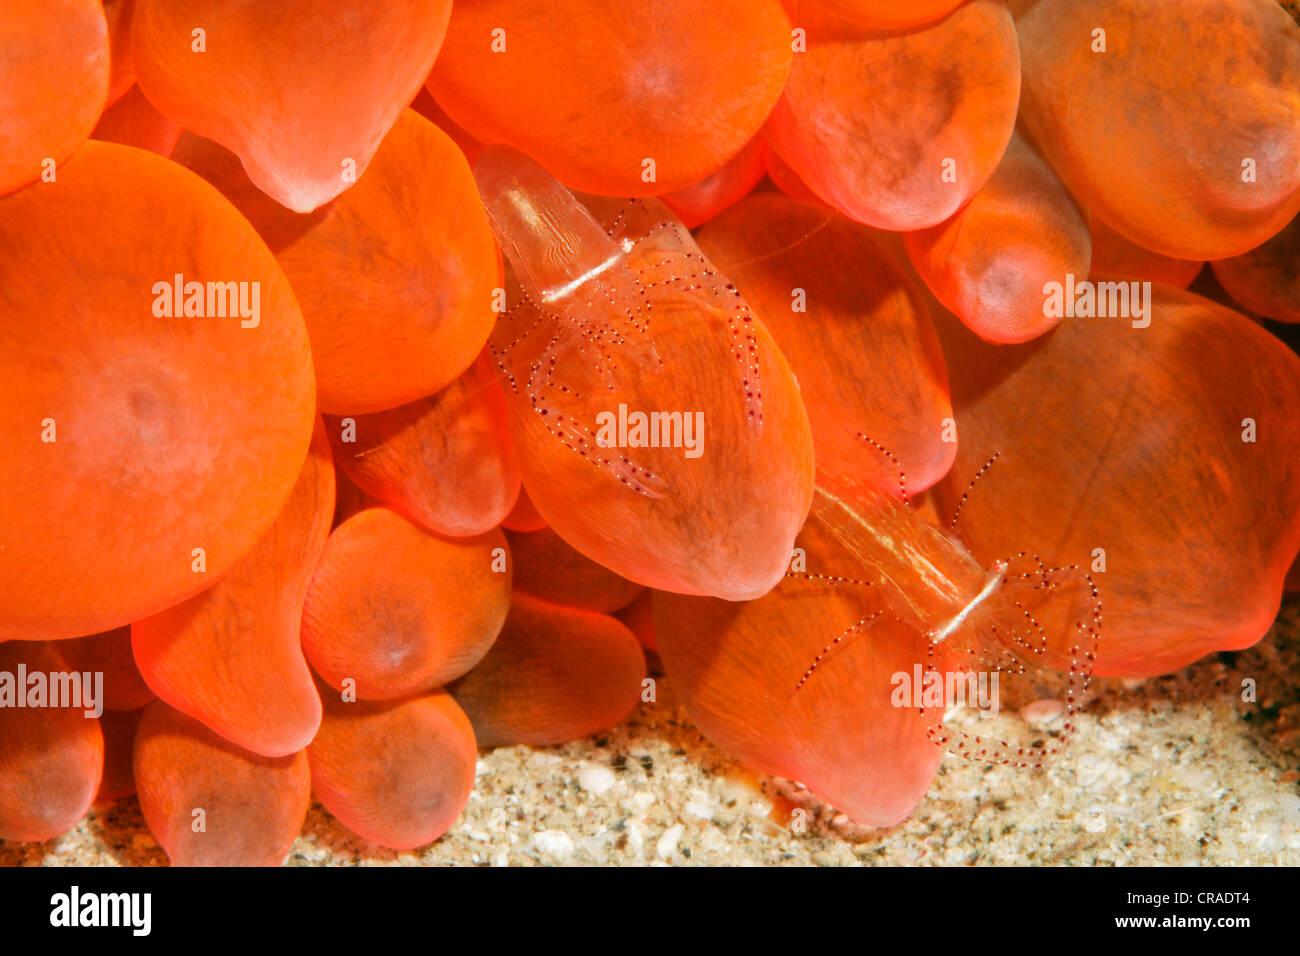 Coppia di gamberetti Anemone (Periclimenes ornatus) nel mare rosso anemone, Regno Hascemita di Giordania, JK, Mar Immagini Stock